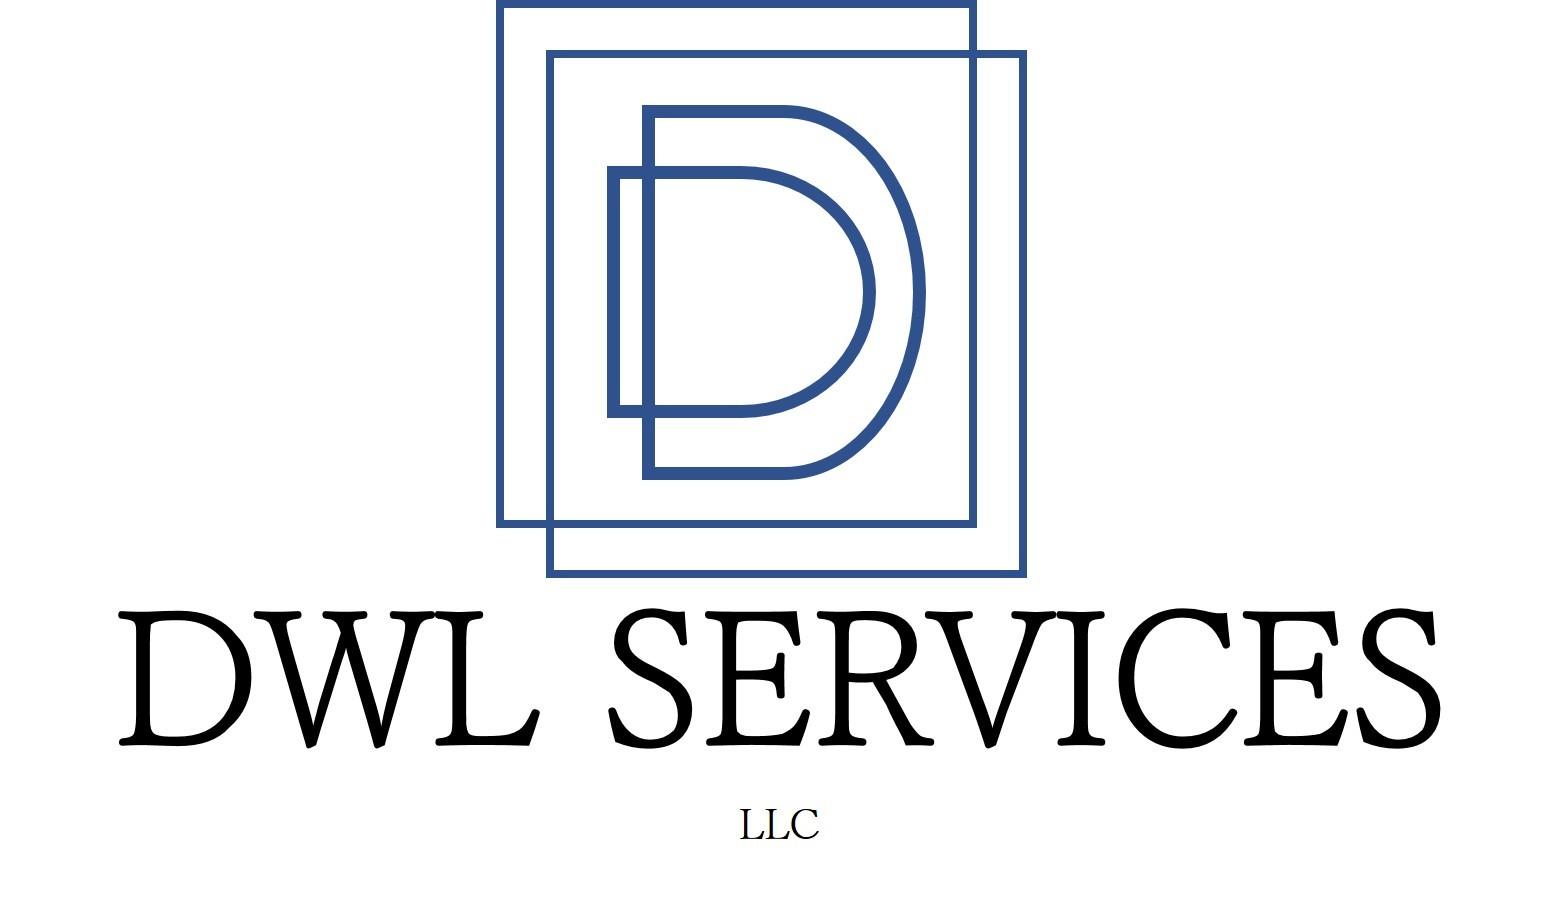 Dwl services logo